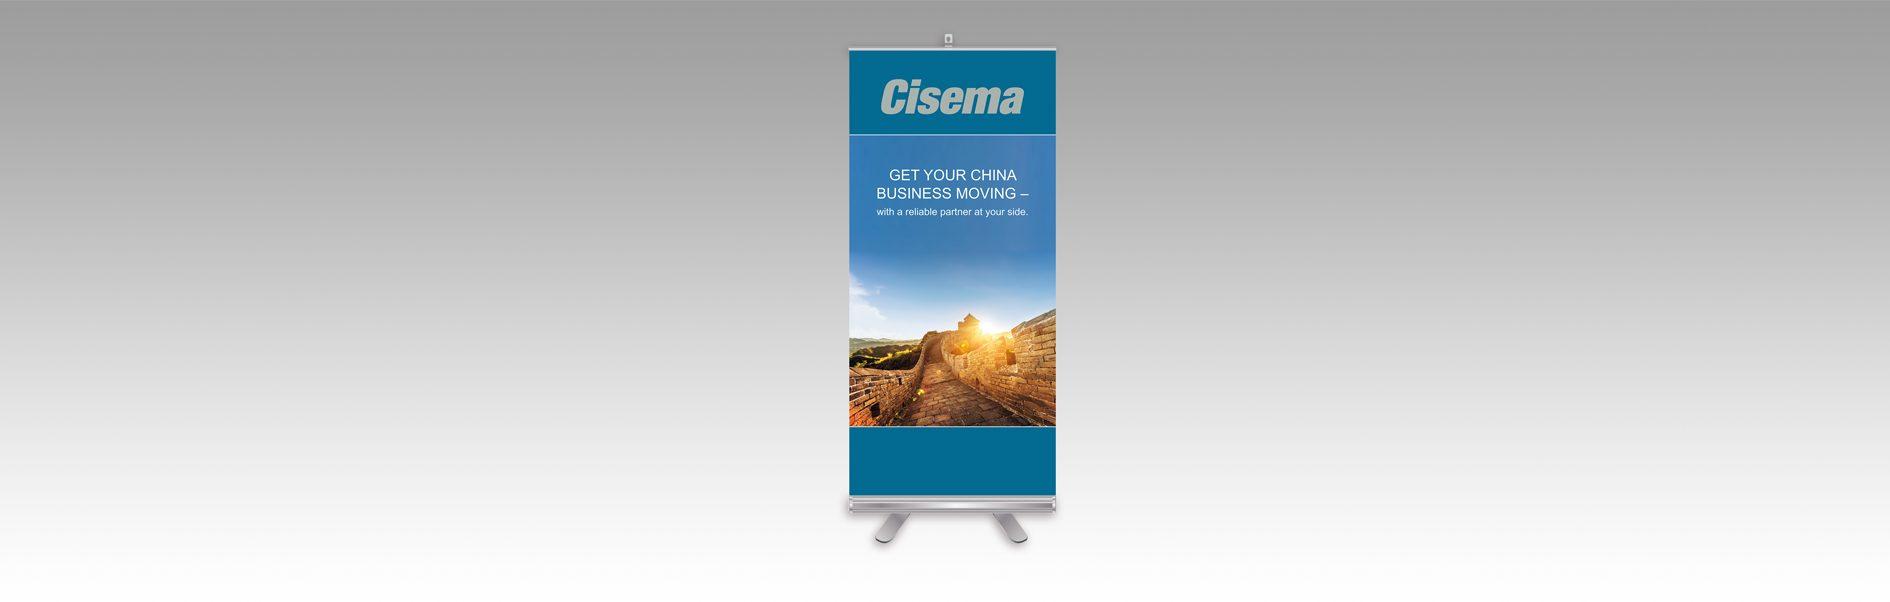 Hier ist das Rollup von Cisema abgebildet.